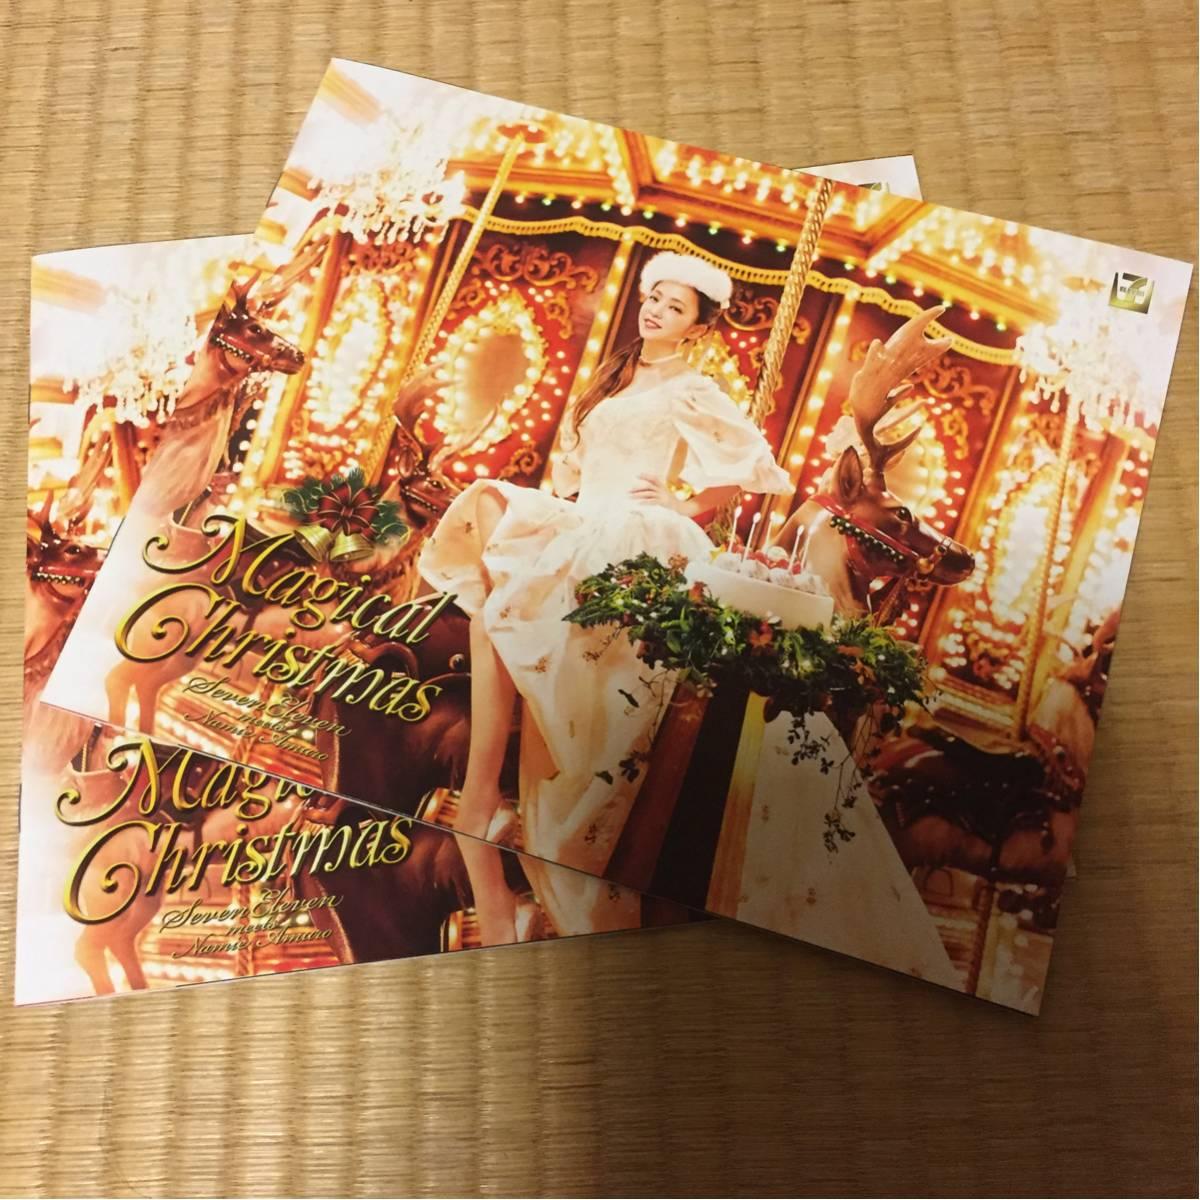 安室奈美恵 セブンイレブン クリスマスカタログ2冊